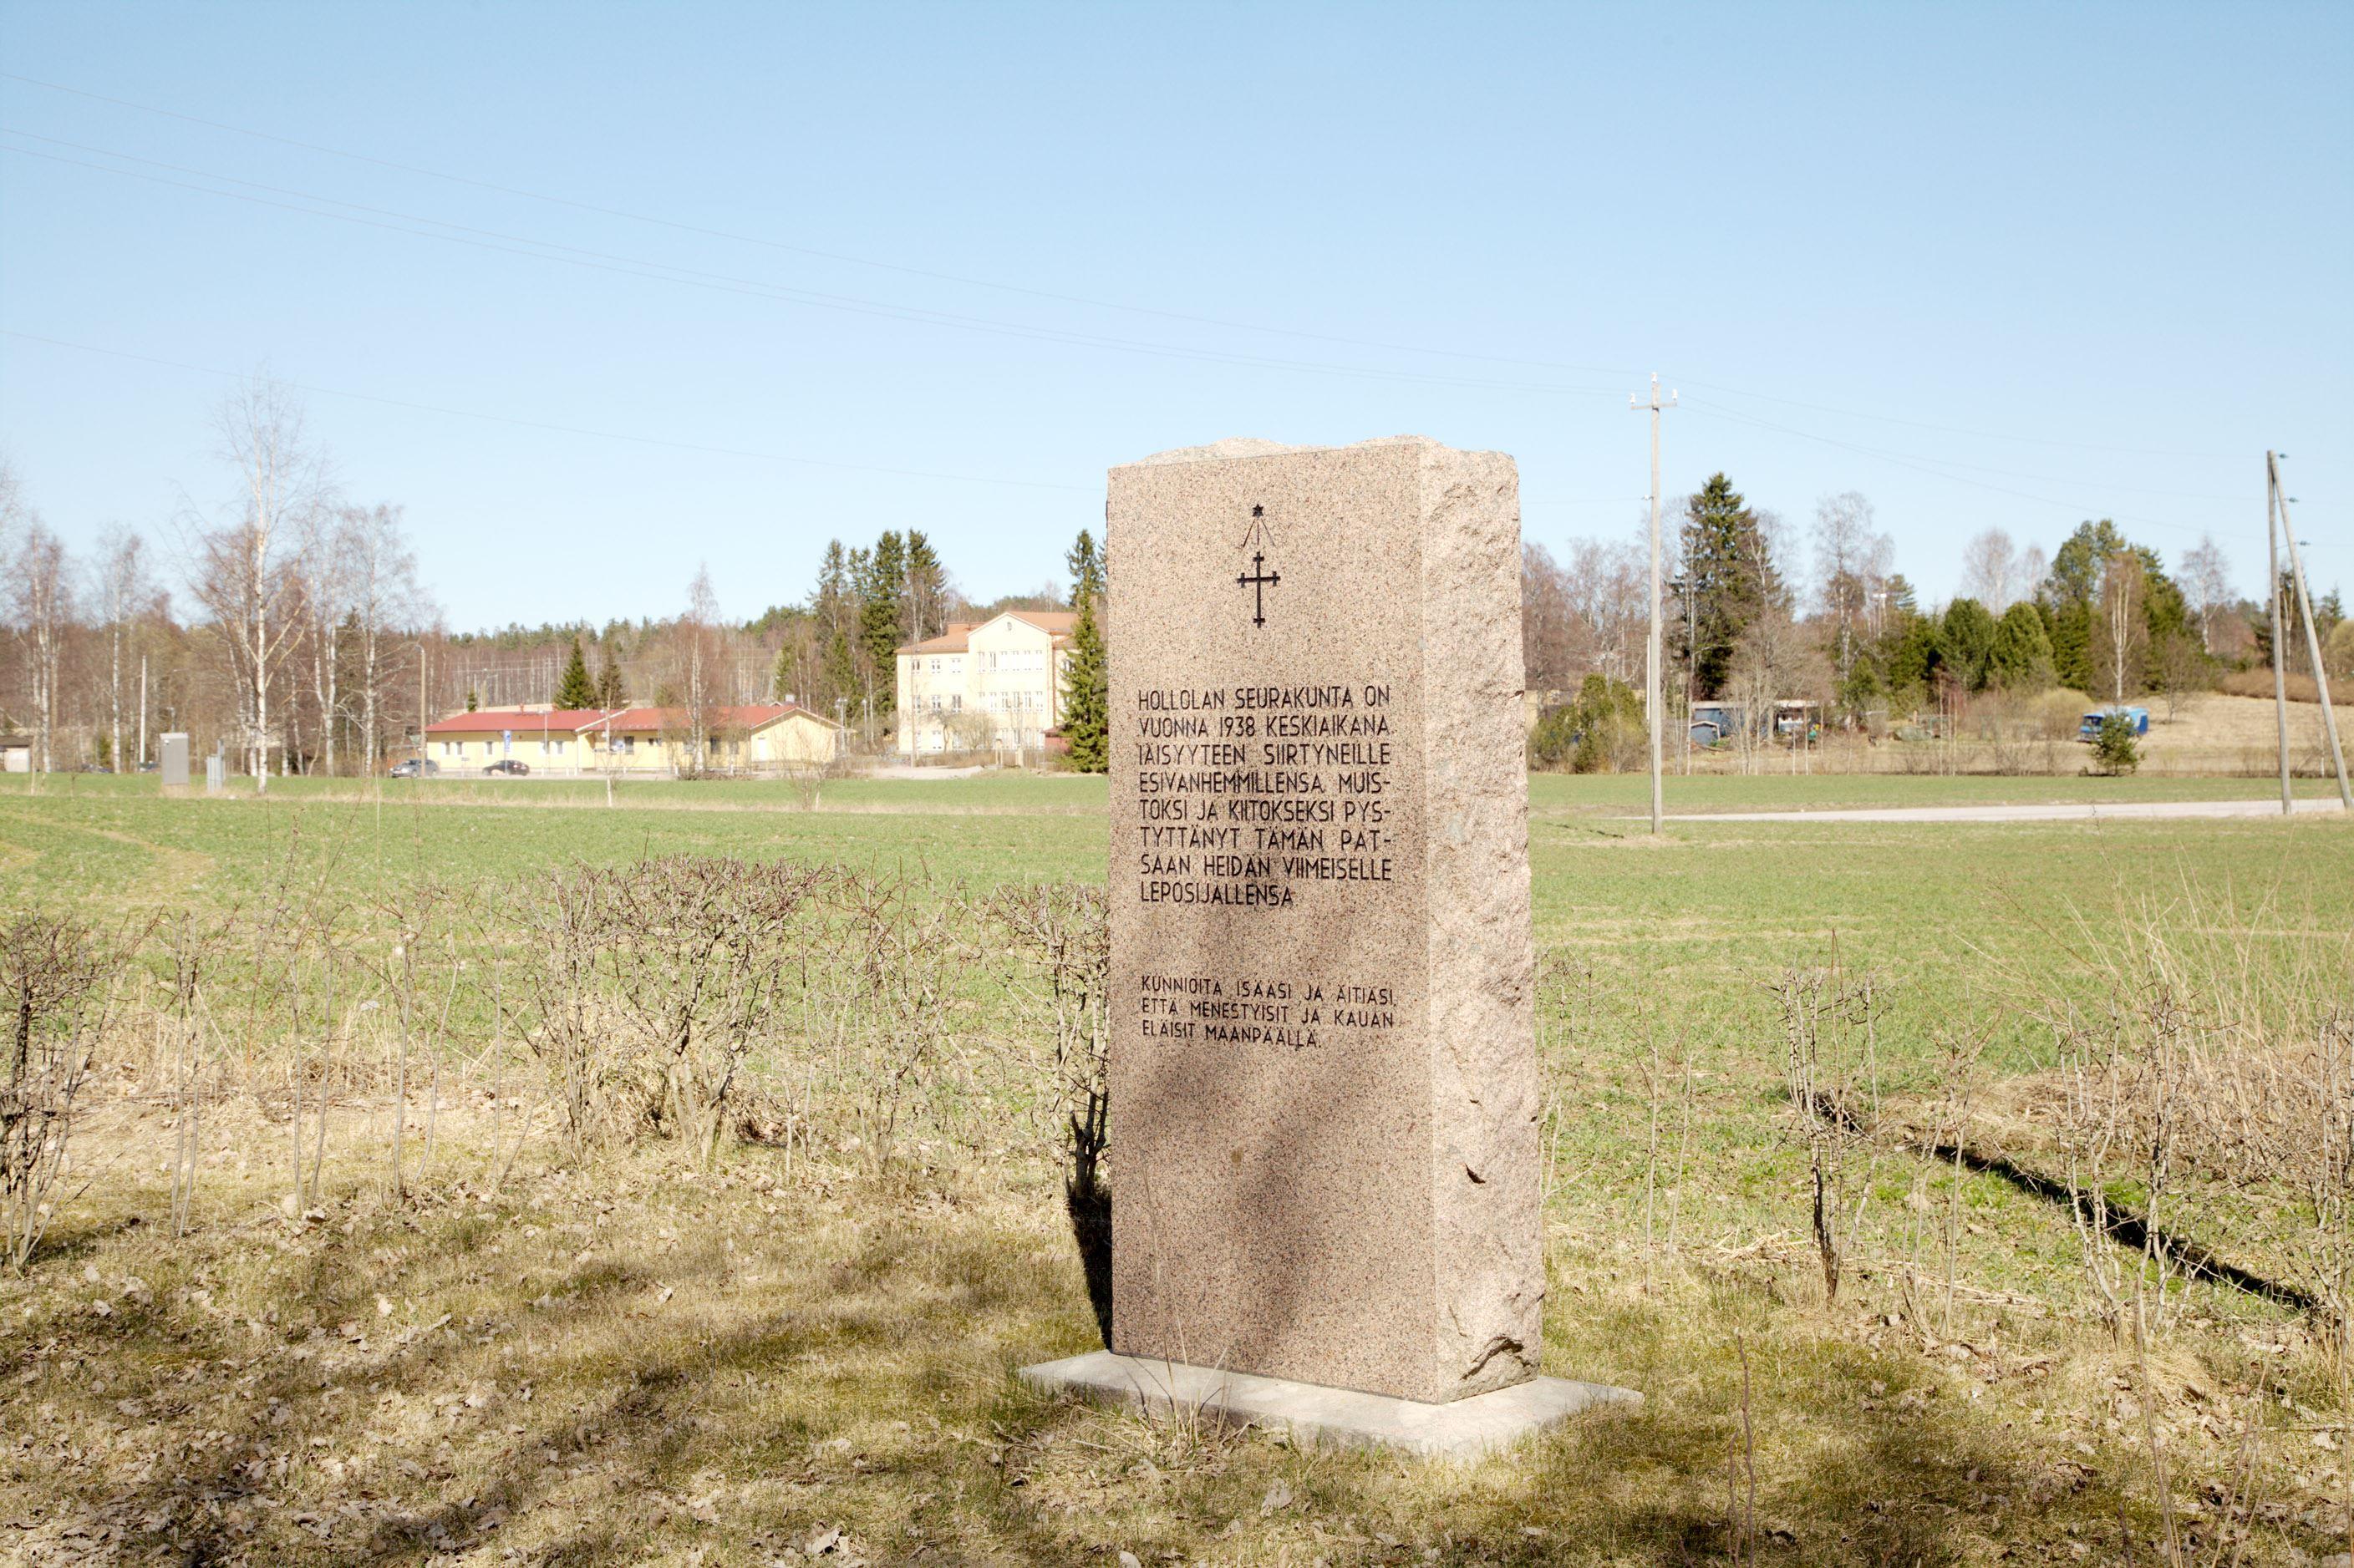 The Cemetery of Kirkk'ailanmäki- historical sights